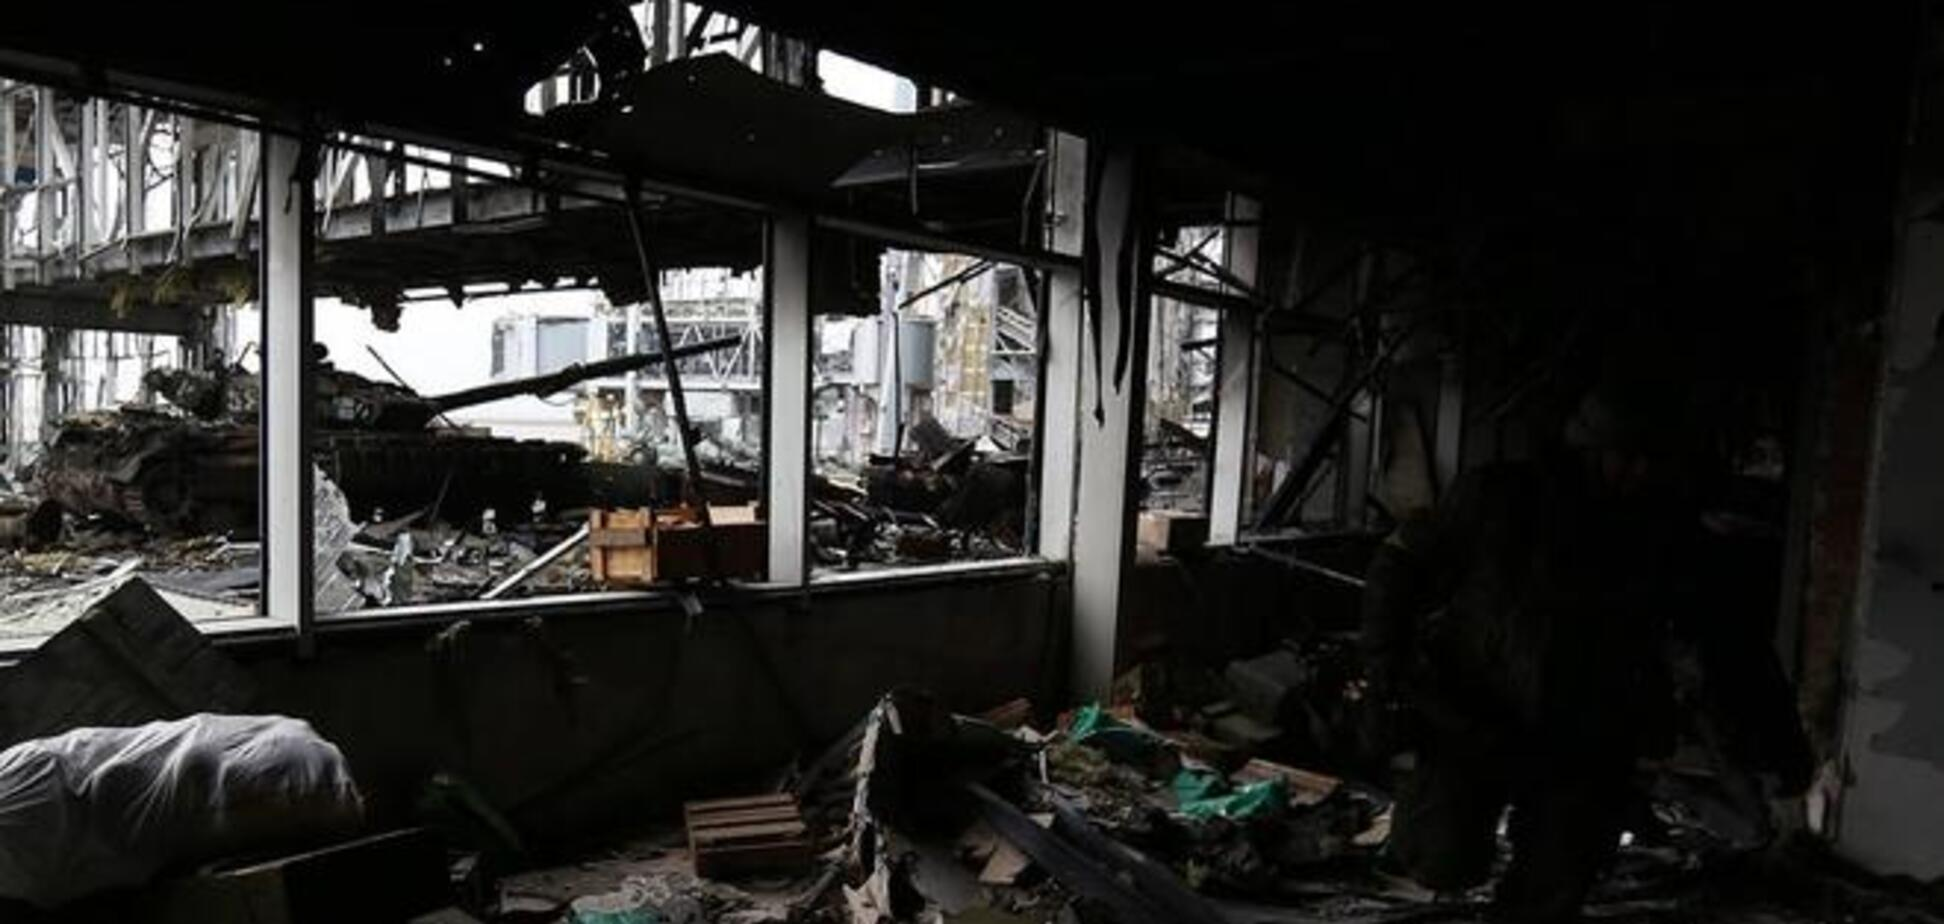 В бою за донецкий аэропорт погибли шесть 'киборгов', 16 ранены и пленены террористами